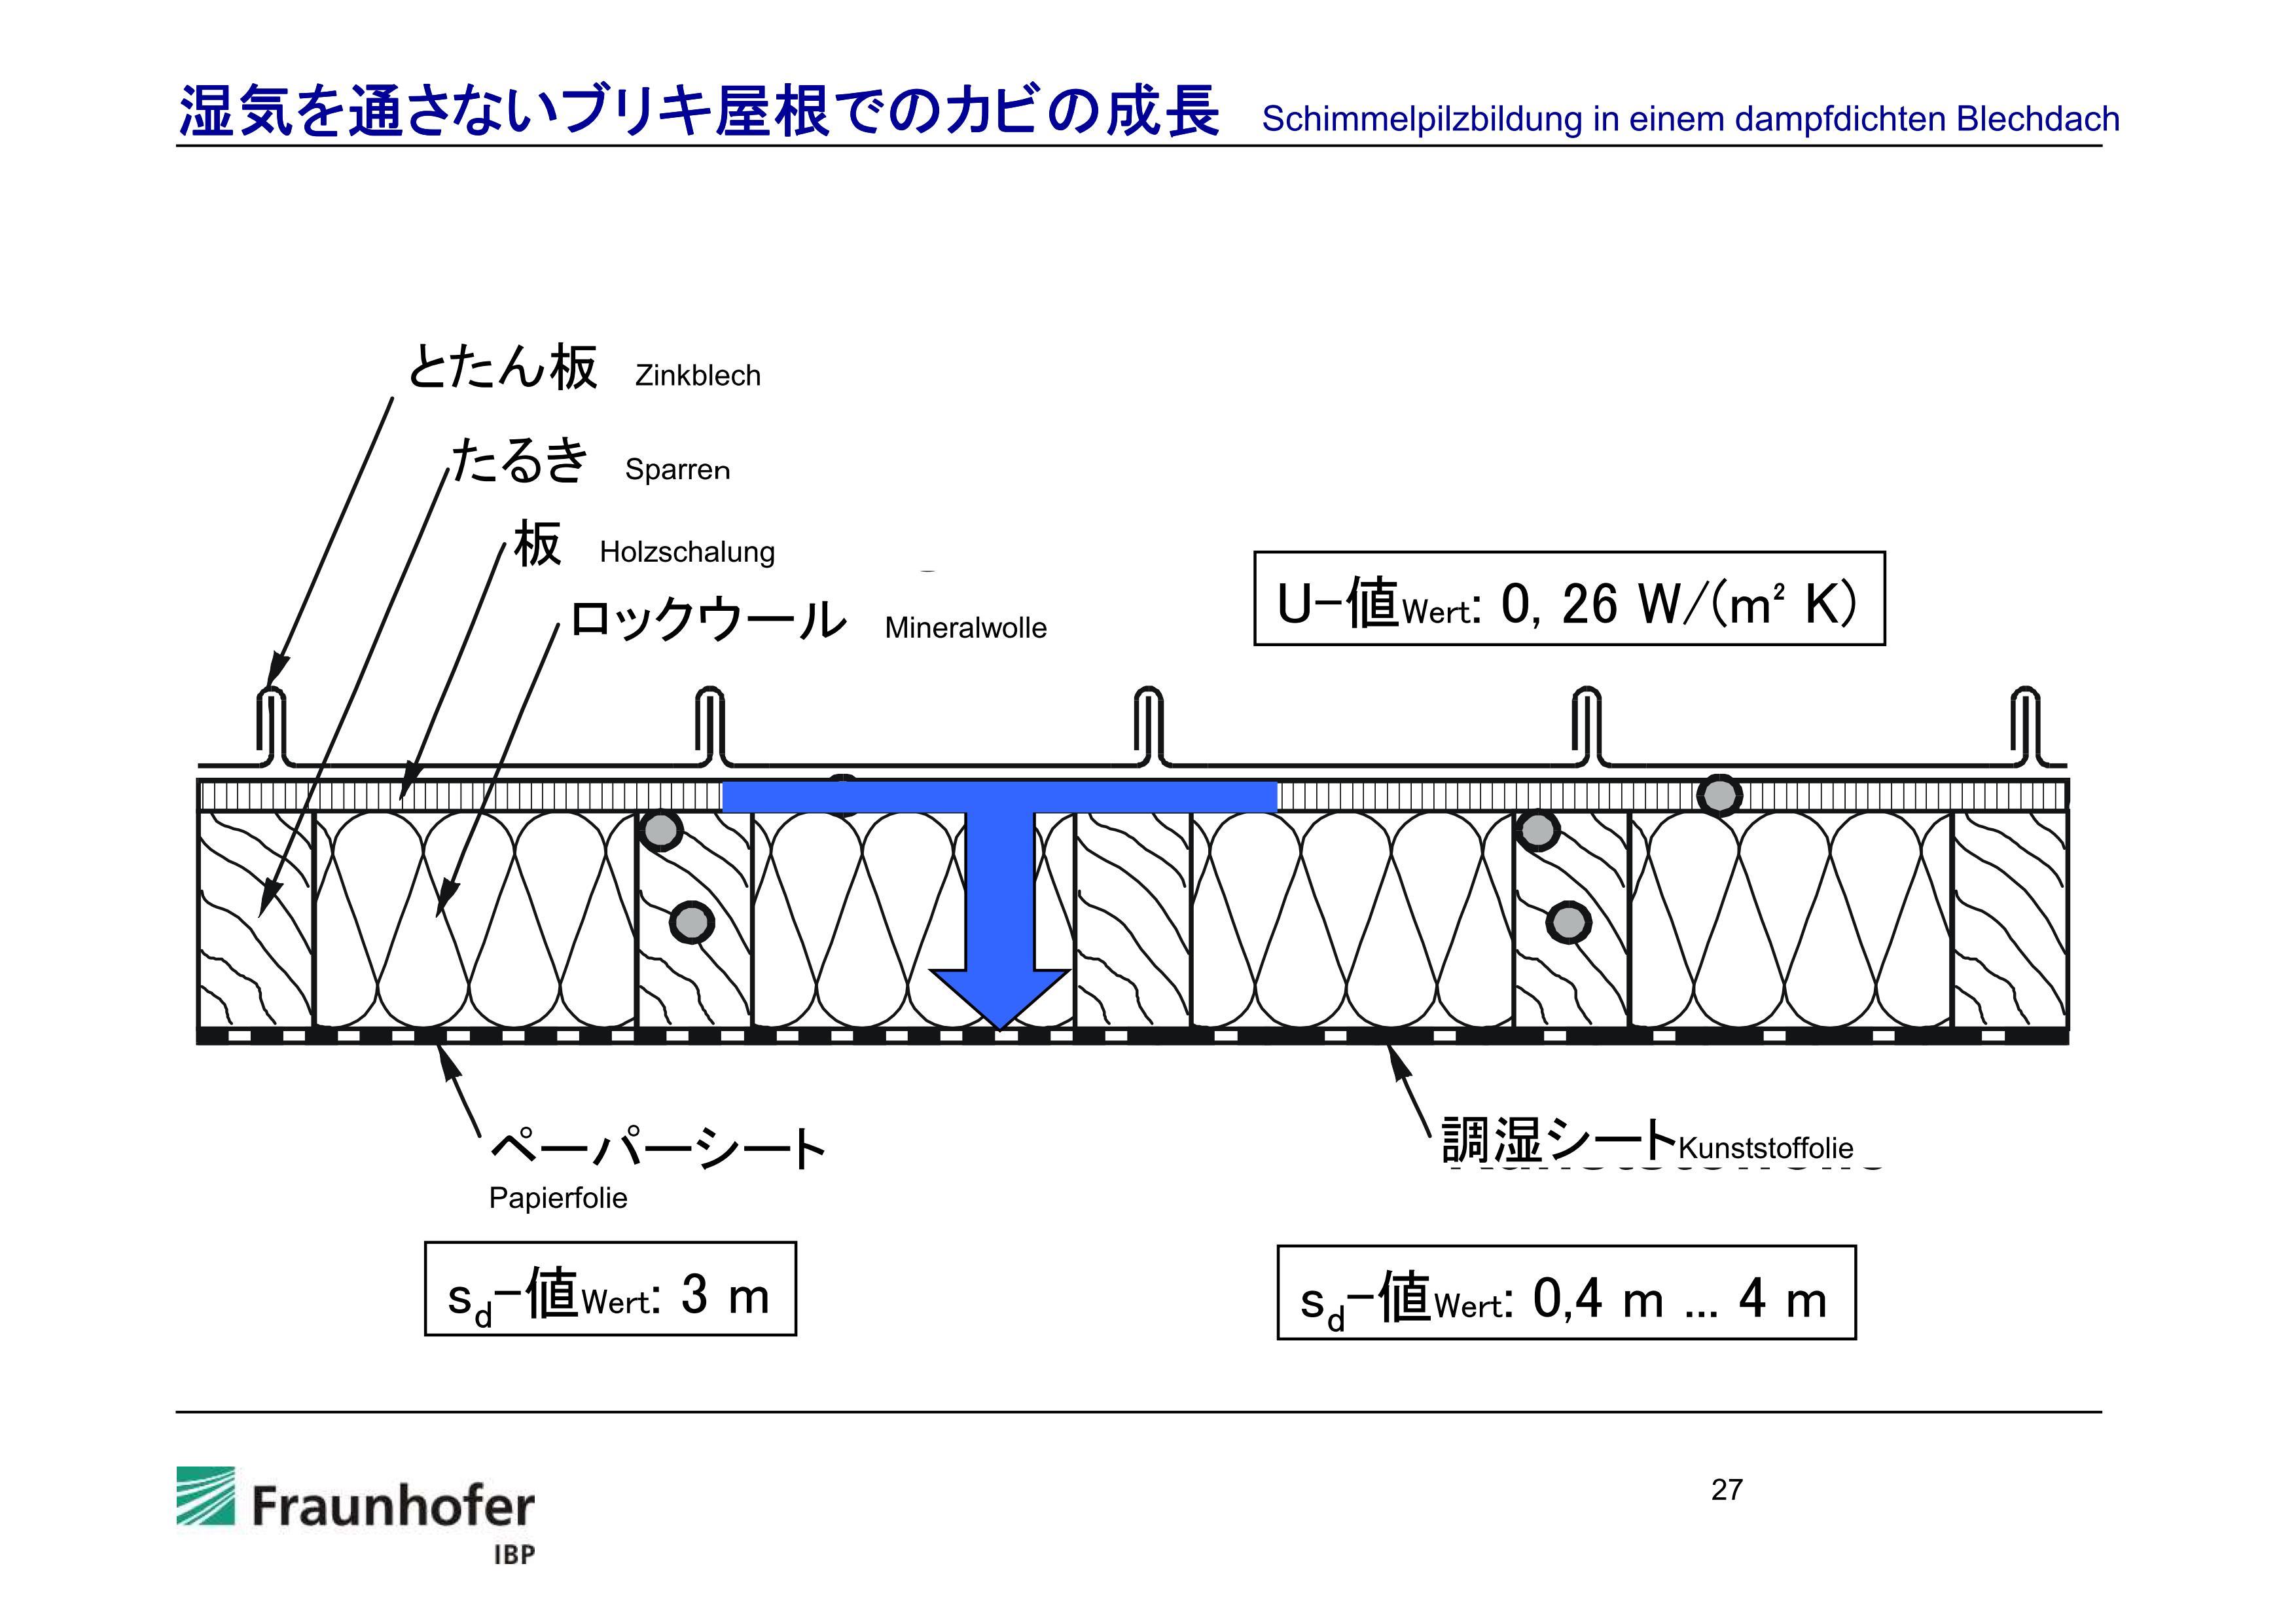 5_Mould%20%5BKompatibilit%C3%A4tsmodus%5D_27.jpg